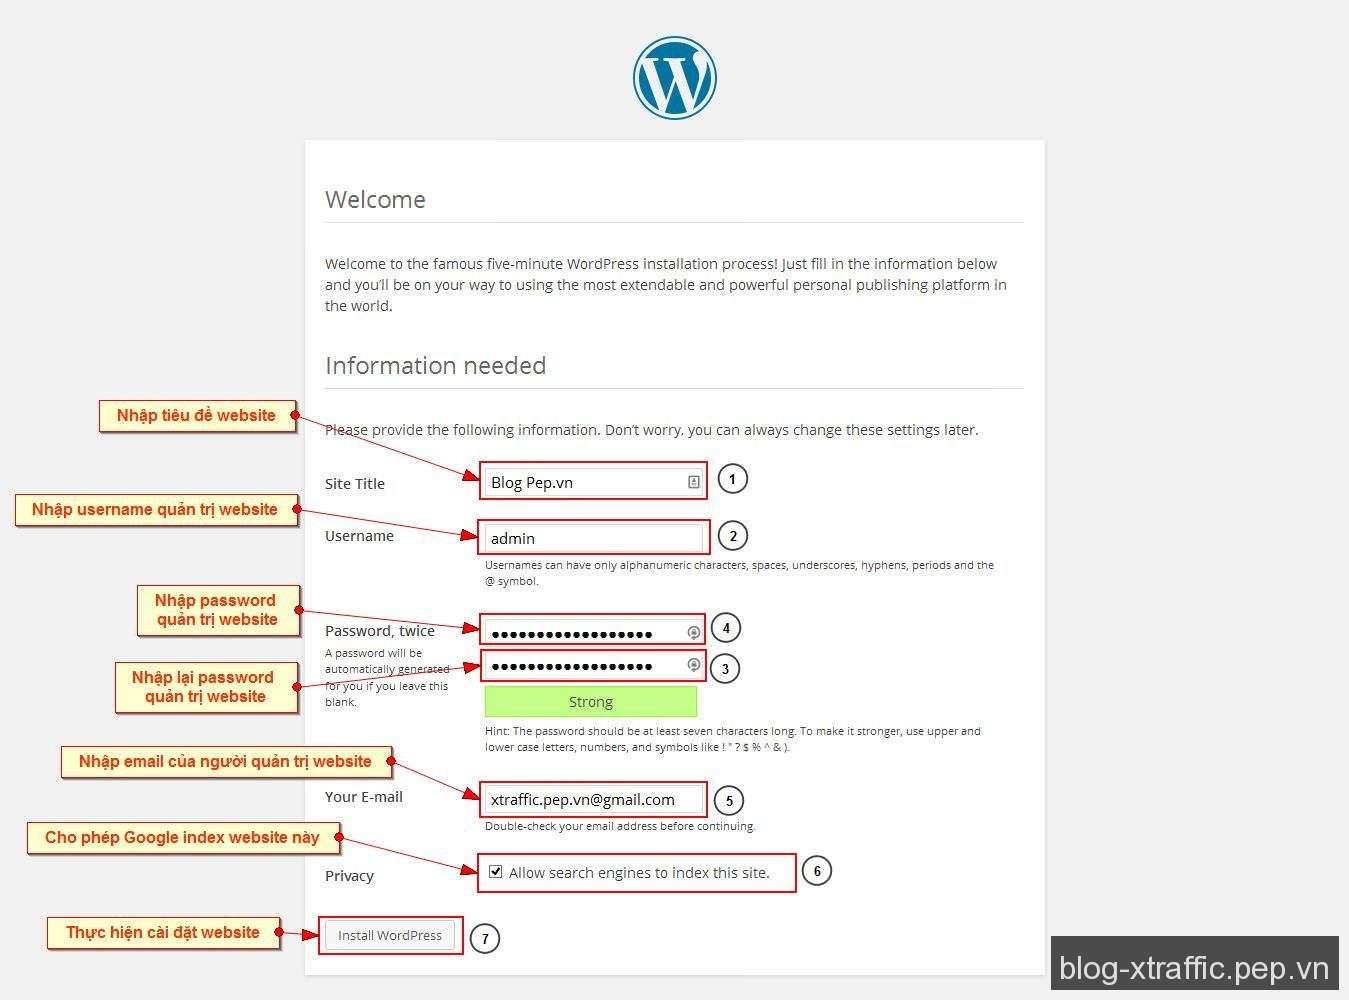 WordPress Cơ Bản : Cách tạo và cài đặt website WordPress - cách tạo và cài đặt How to install WordPress - Wordpress